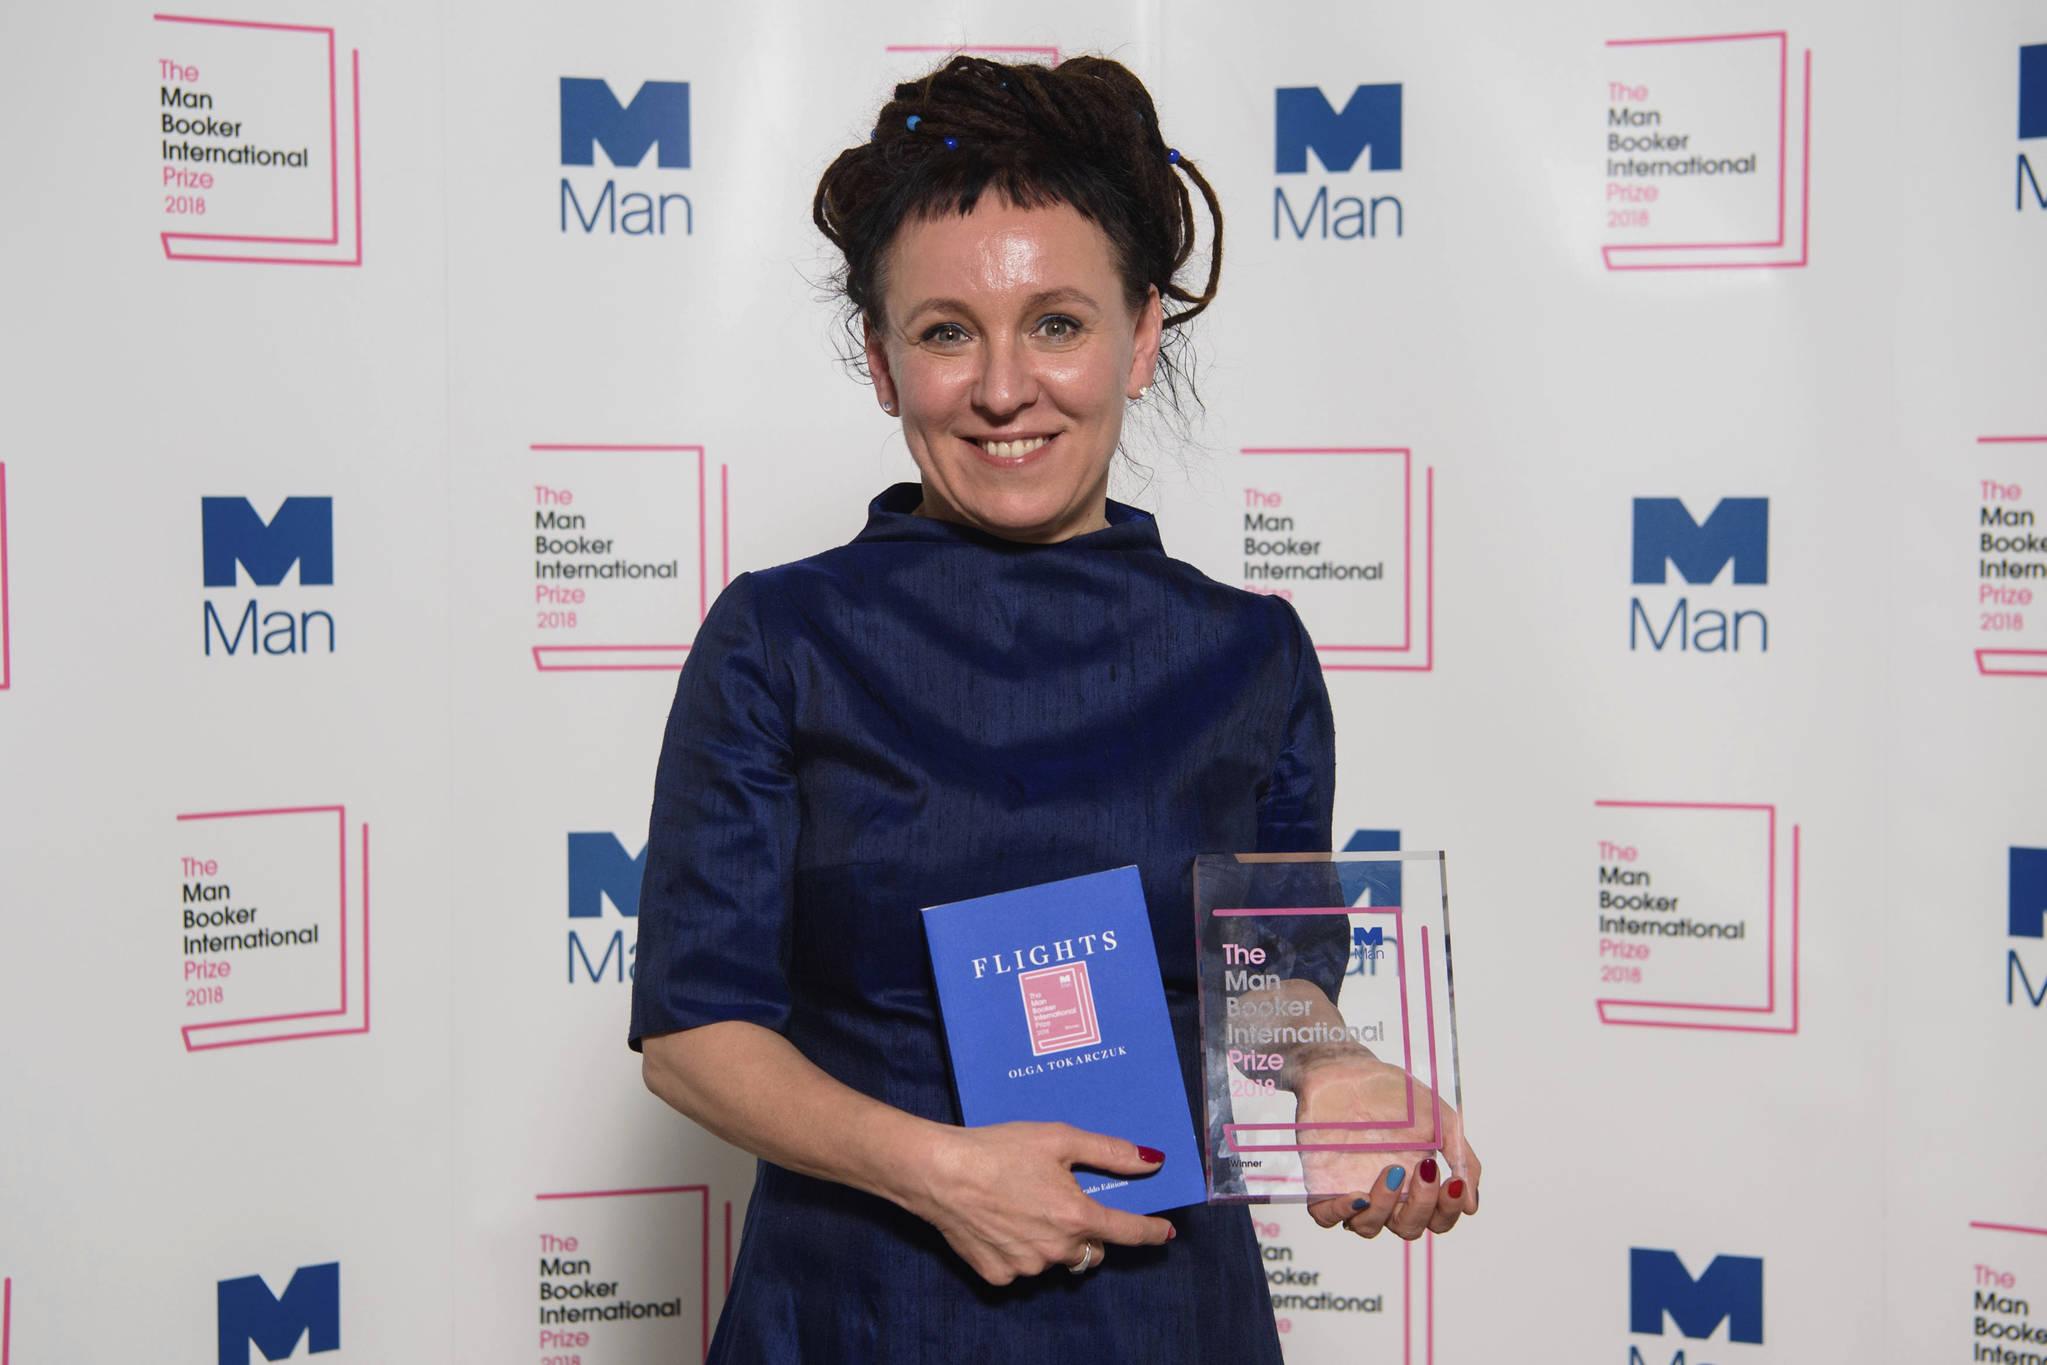 올해의 맨부커 인터내셔널상은 폴란드 작가 올가 토카르추크가 수상했다. 23일 빅토리아 앤 앨버트 뮤지엄에서 미소 짓고 있는 토카르추크. [AP]